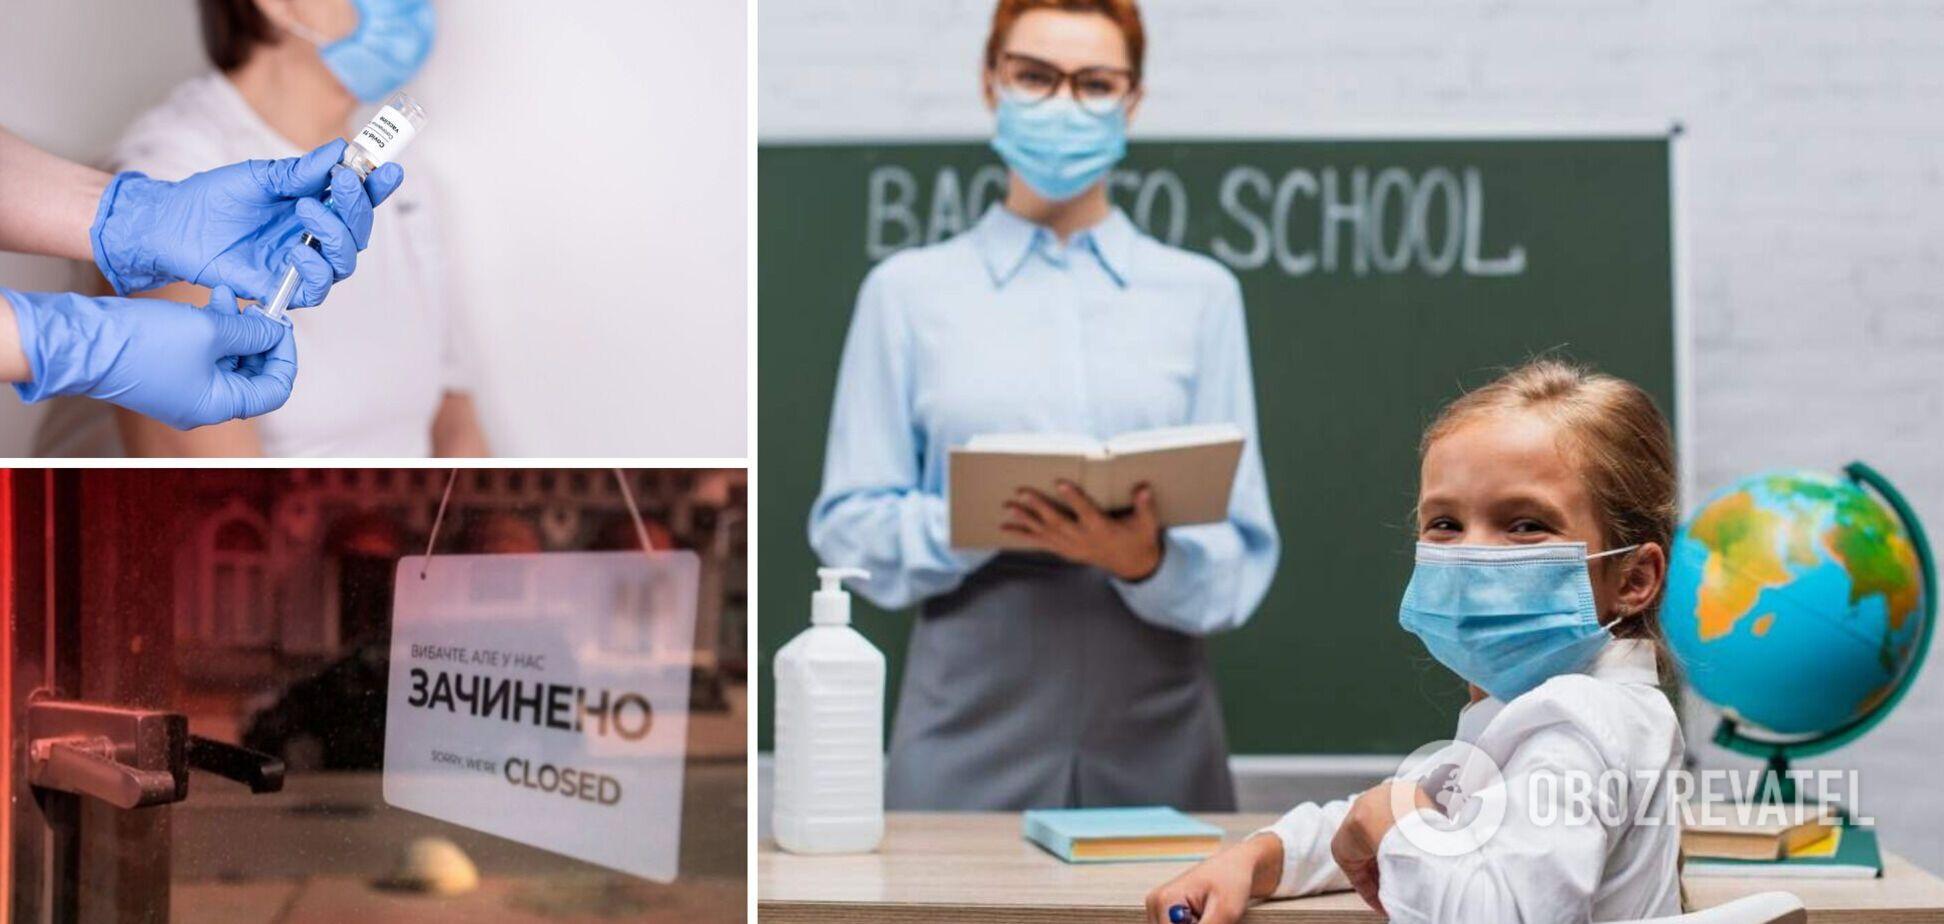 В Украине утвердили порядок отстранения от работы невакцинированных чиновников и учителей: что нужно знать